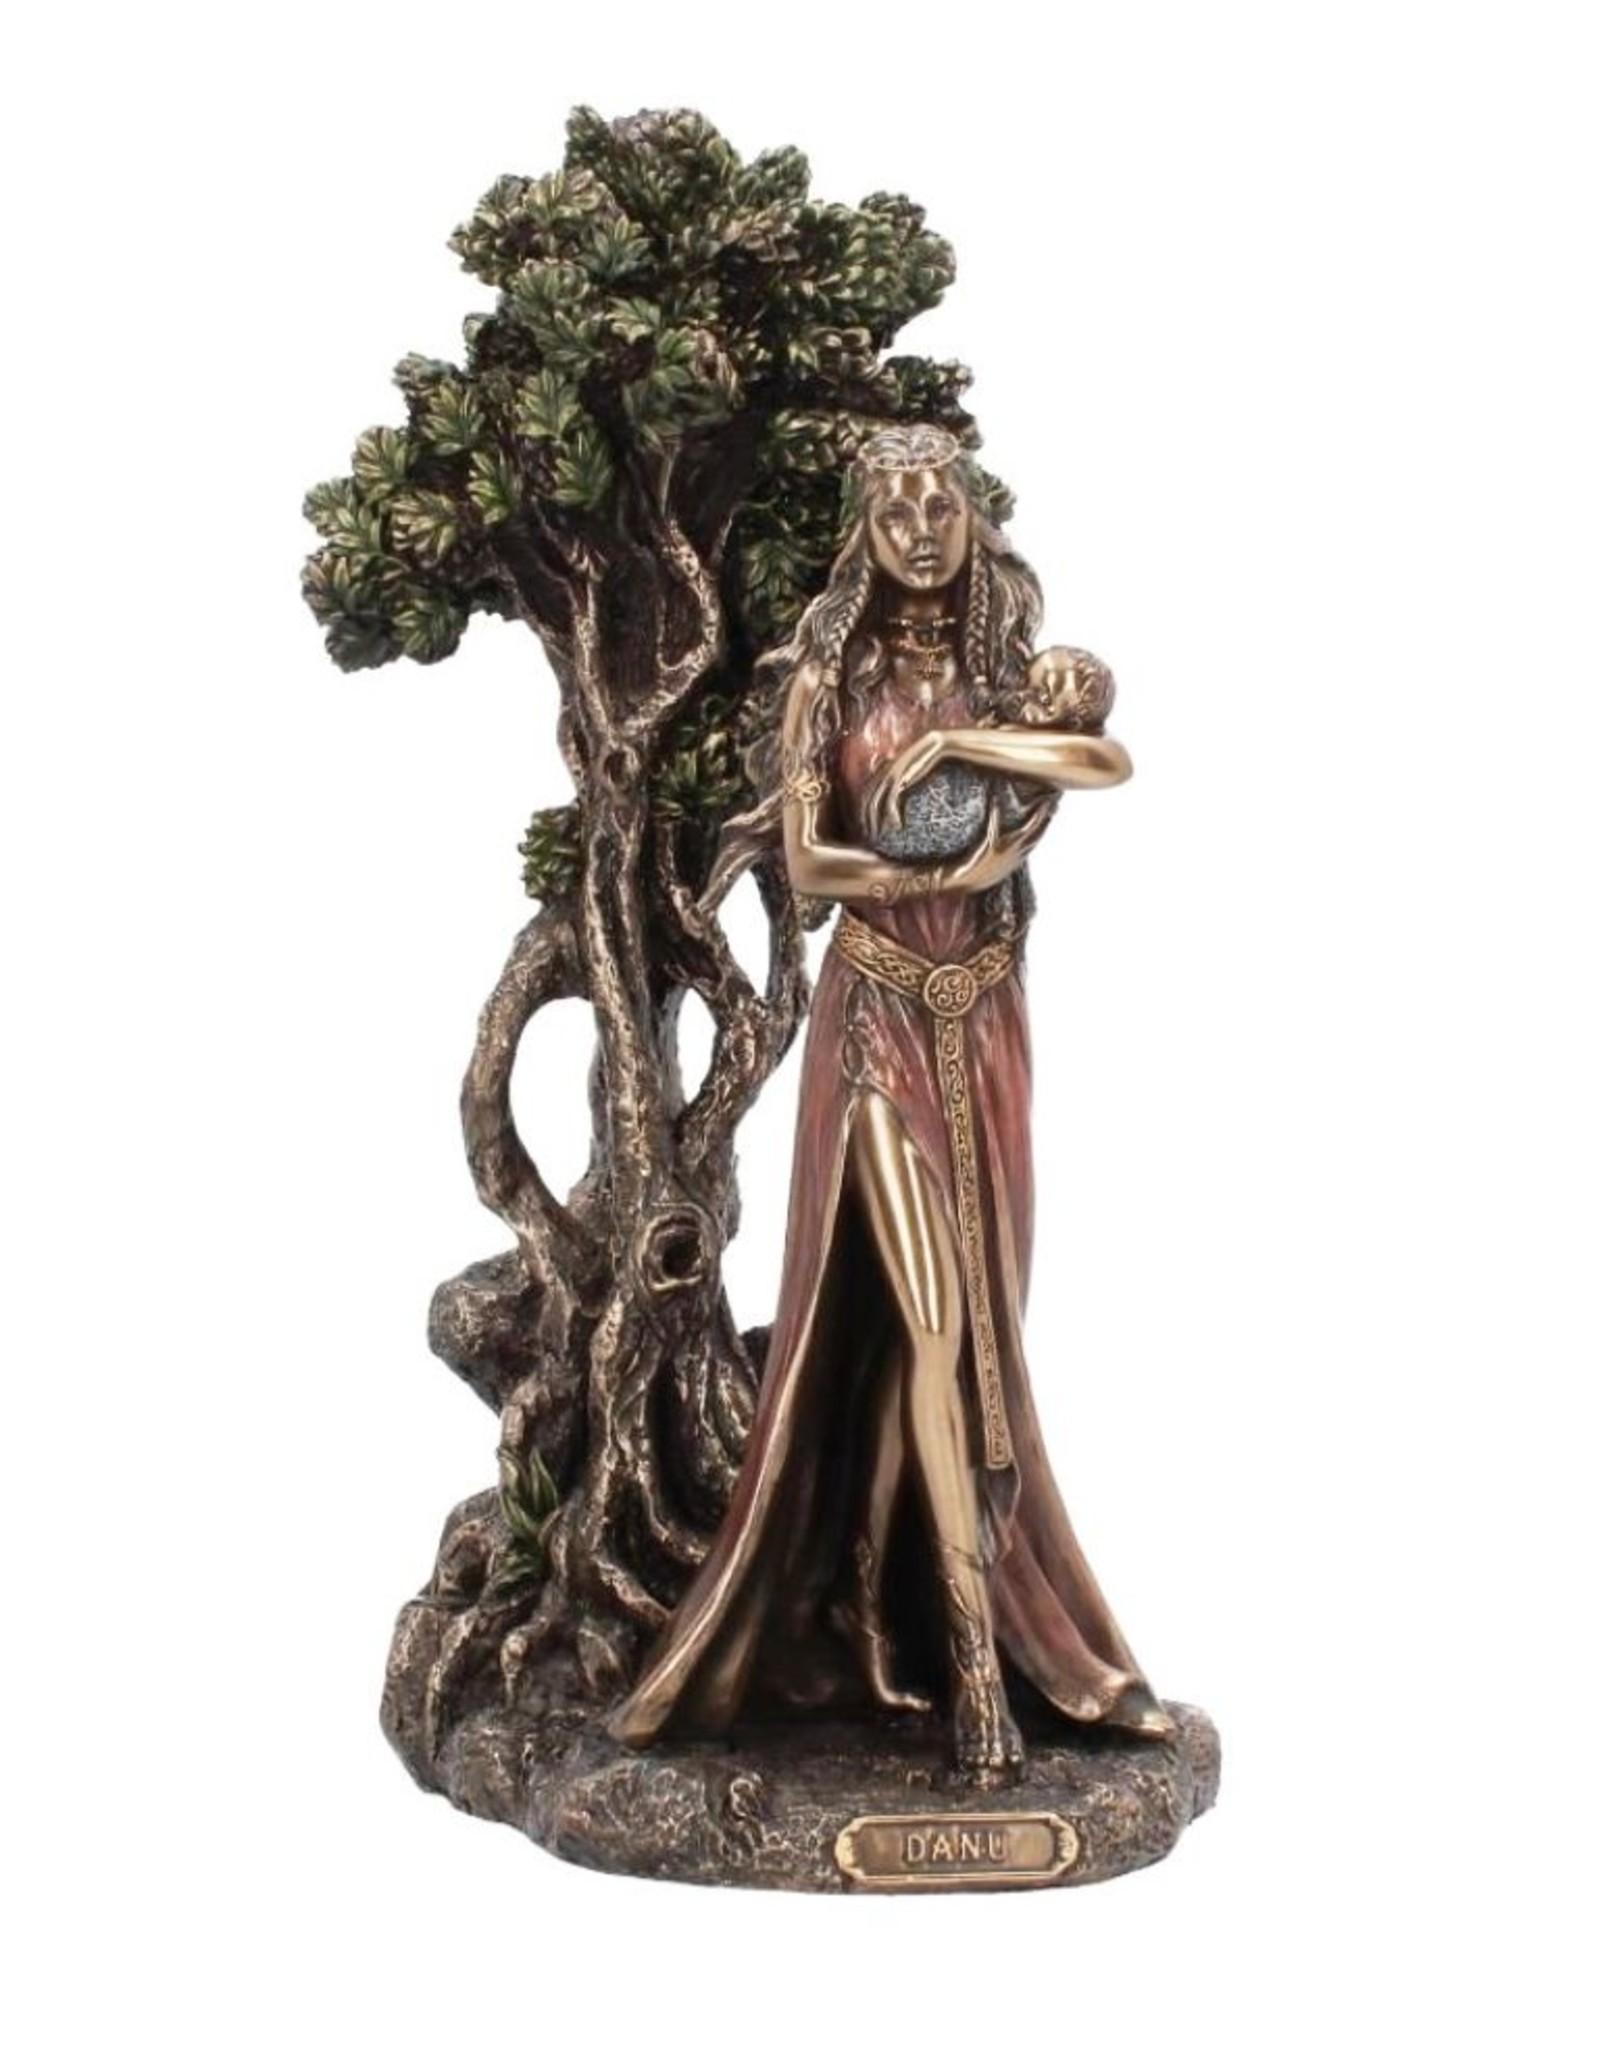 Willow Hall Giftware & Lifestyle - Danu - Moeder van de Goden gebronsd beeld 29,5cm